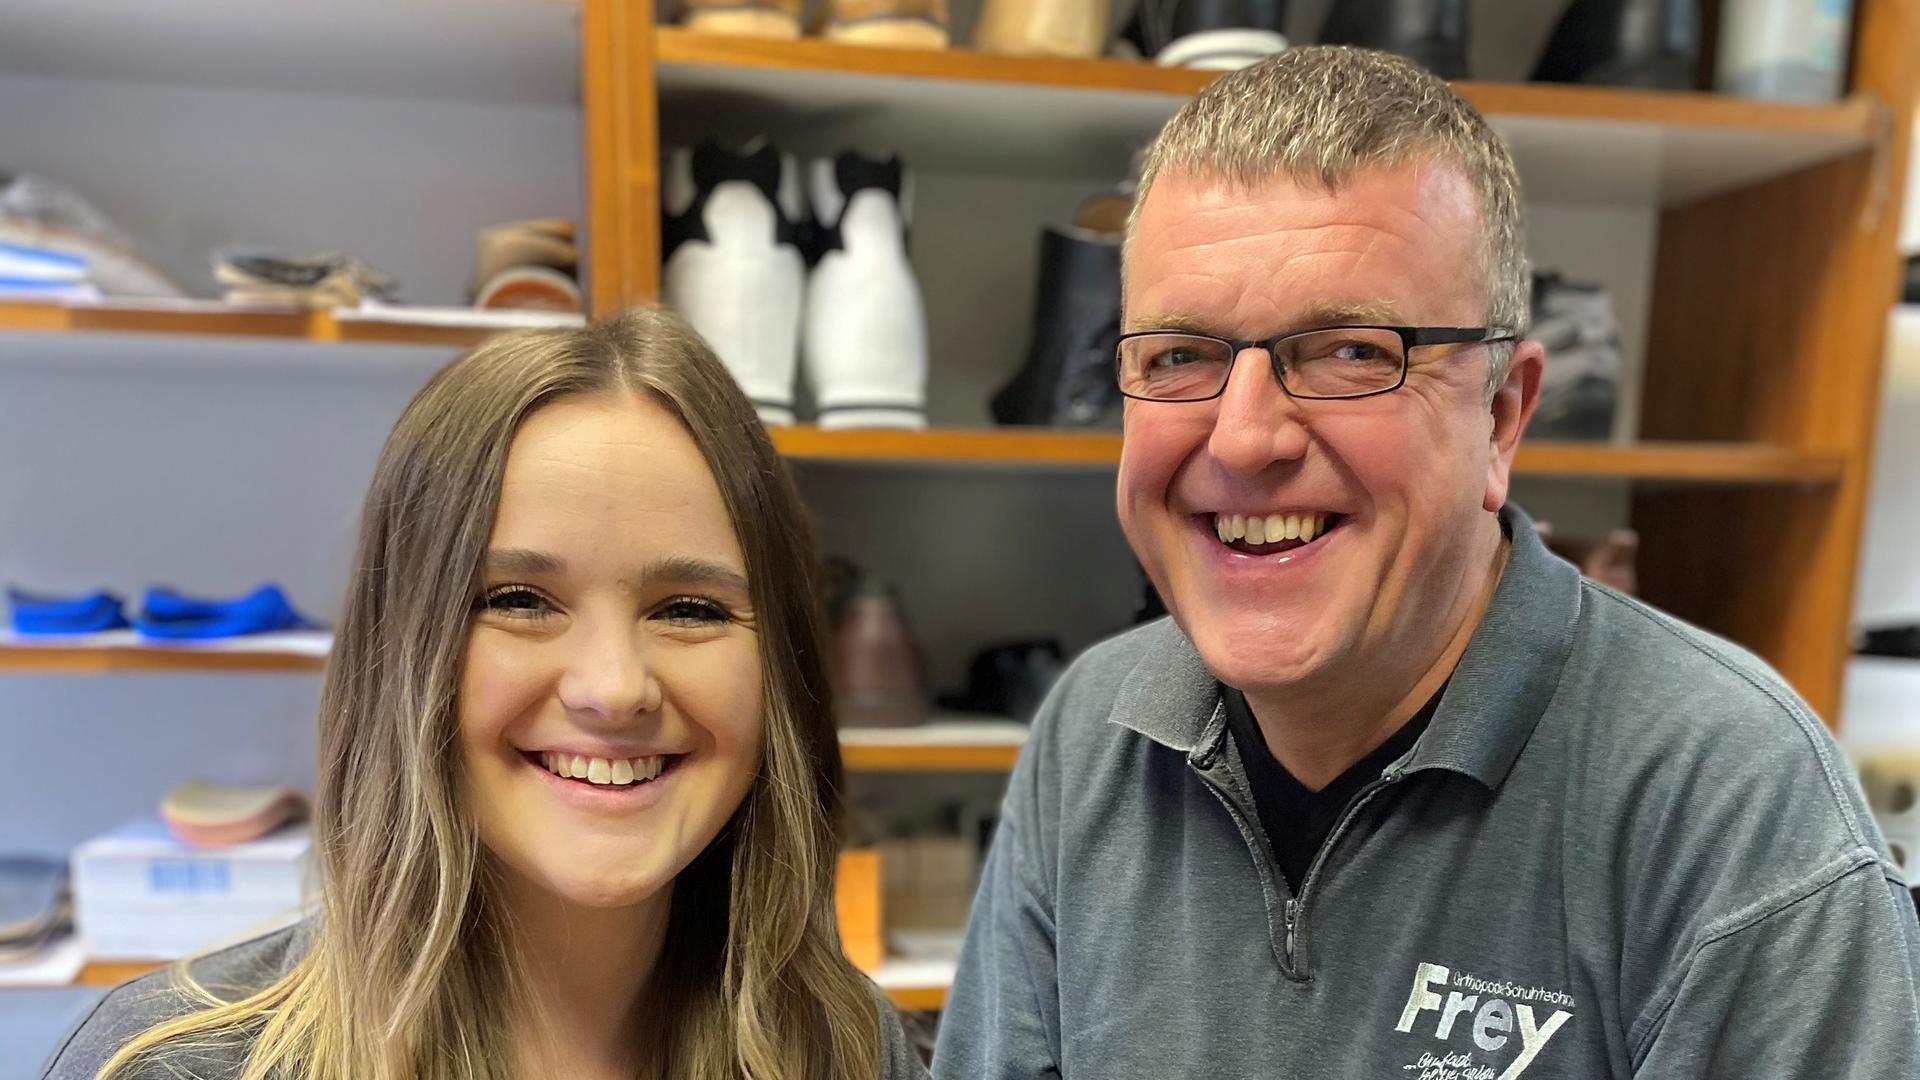 Eliza Frey mit ihrem Vater Wolfgang in dessen Orthopädietechnik-Laden in der Rastatter Innenstadt